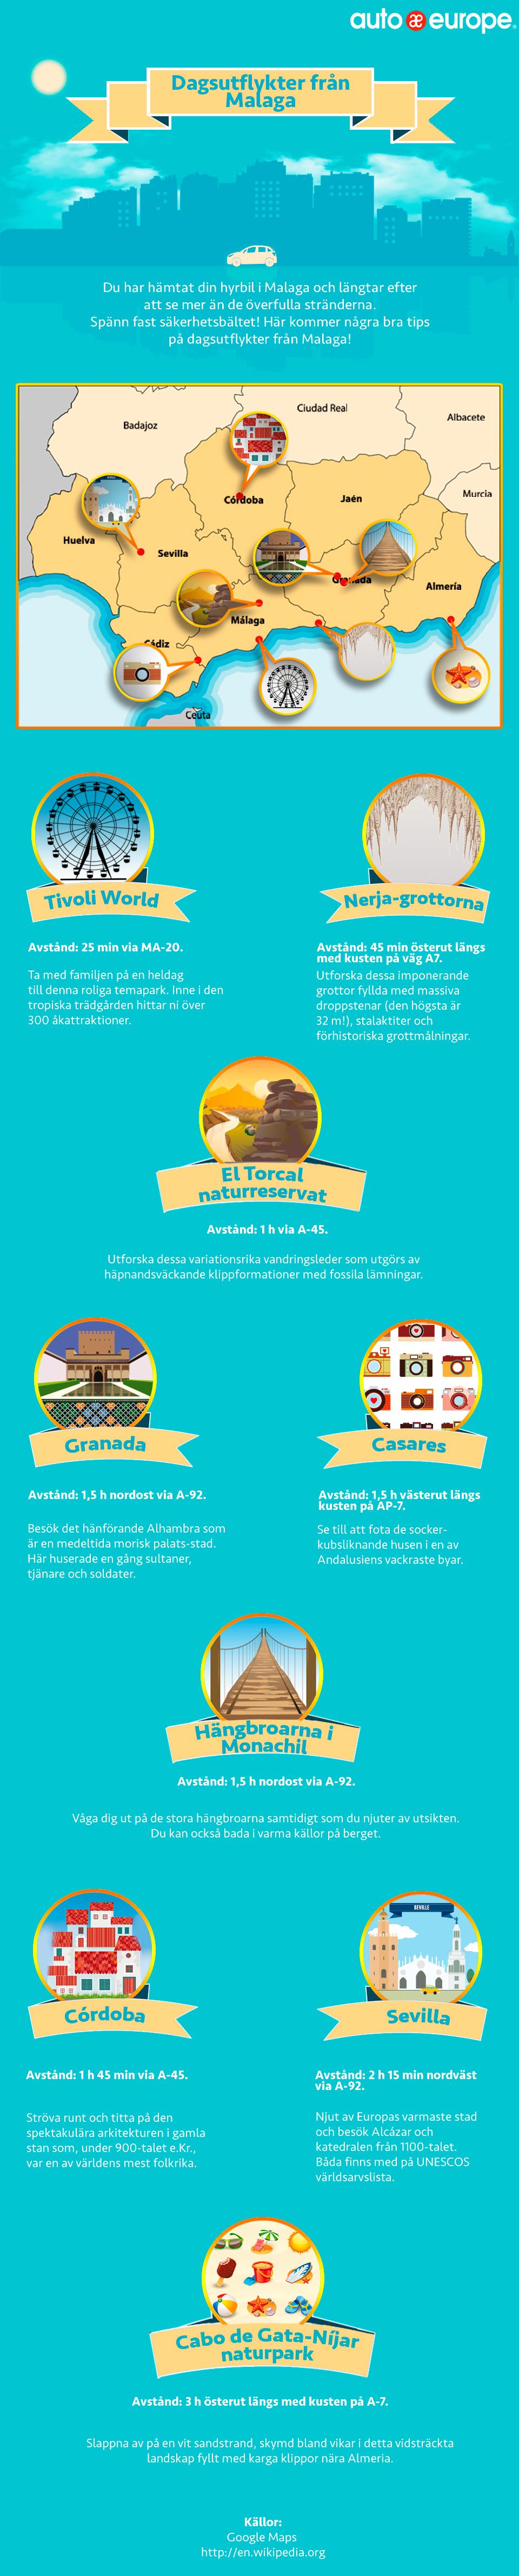 Infografik: Dagsutflykter från Malaga